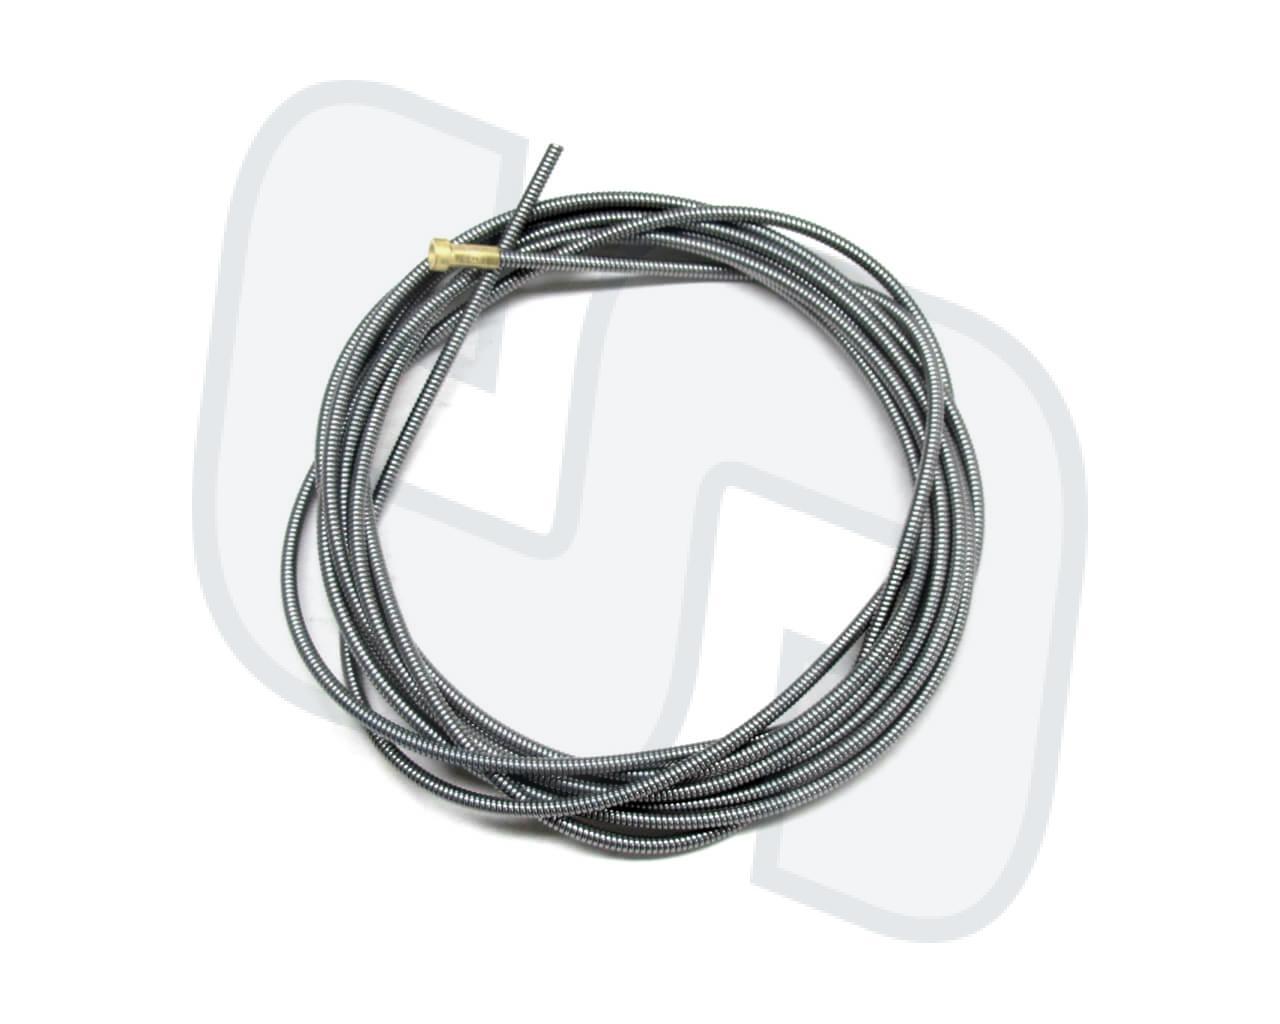 Drahtführungsspirale 2.0x4.5mm blank 3m. Für 1.0-1.2mm